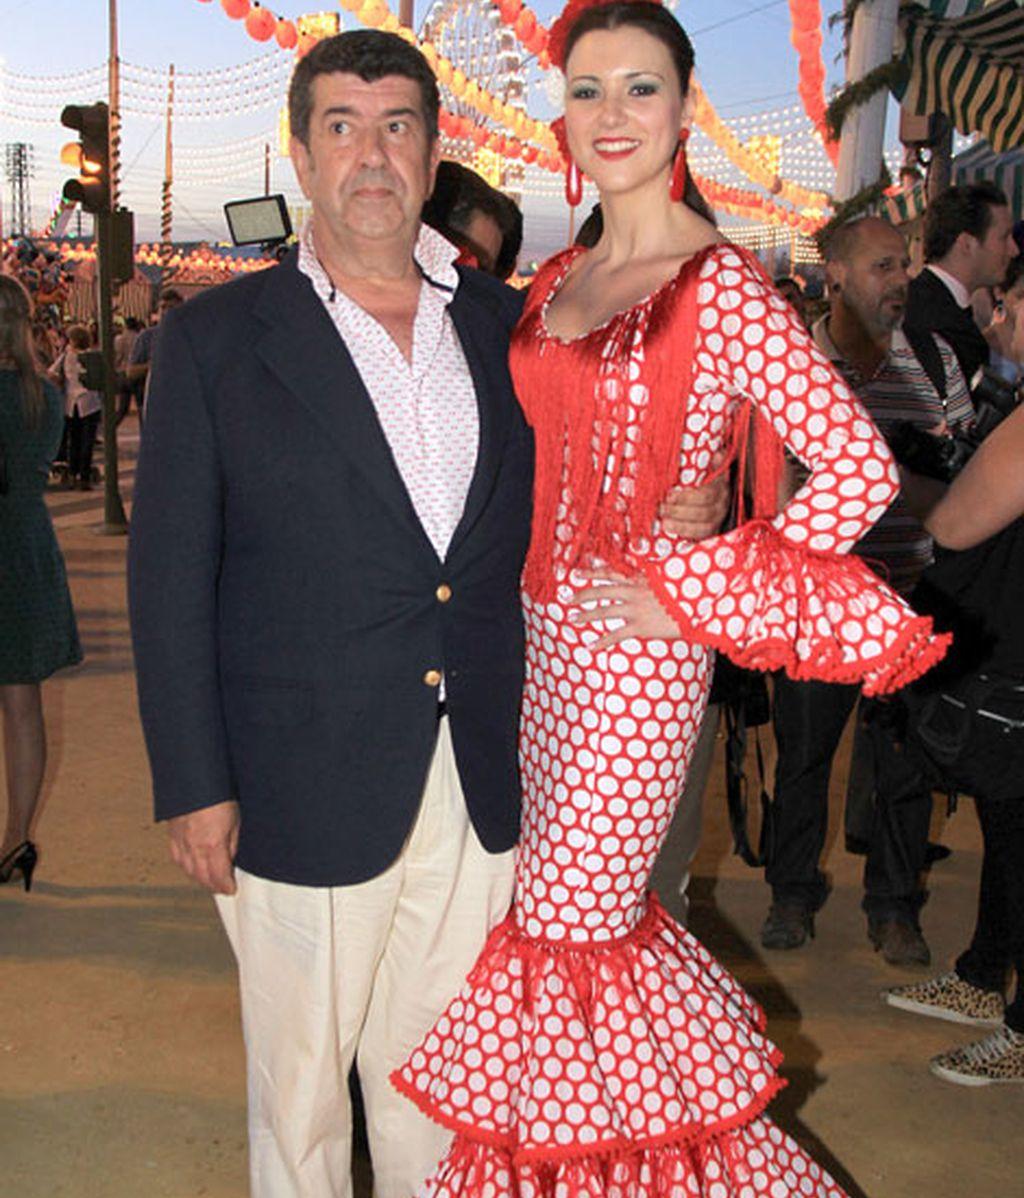 La ex miss Mª Jesús Ruiz acompañada de su novio José Mª Salgado